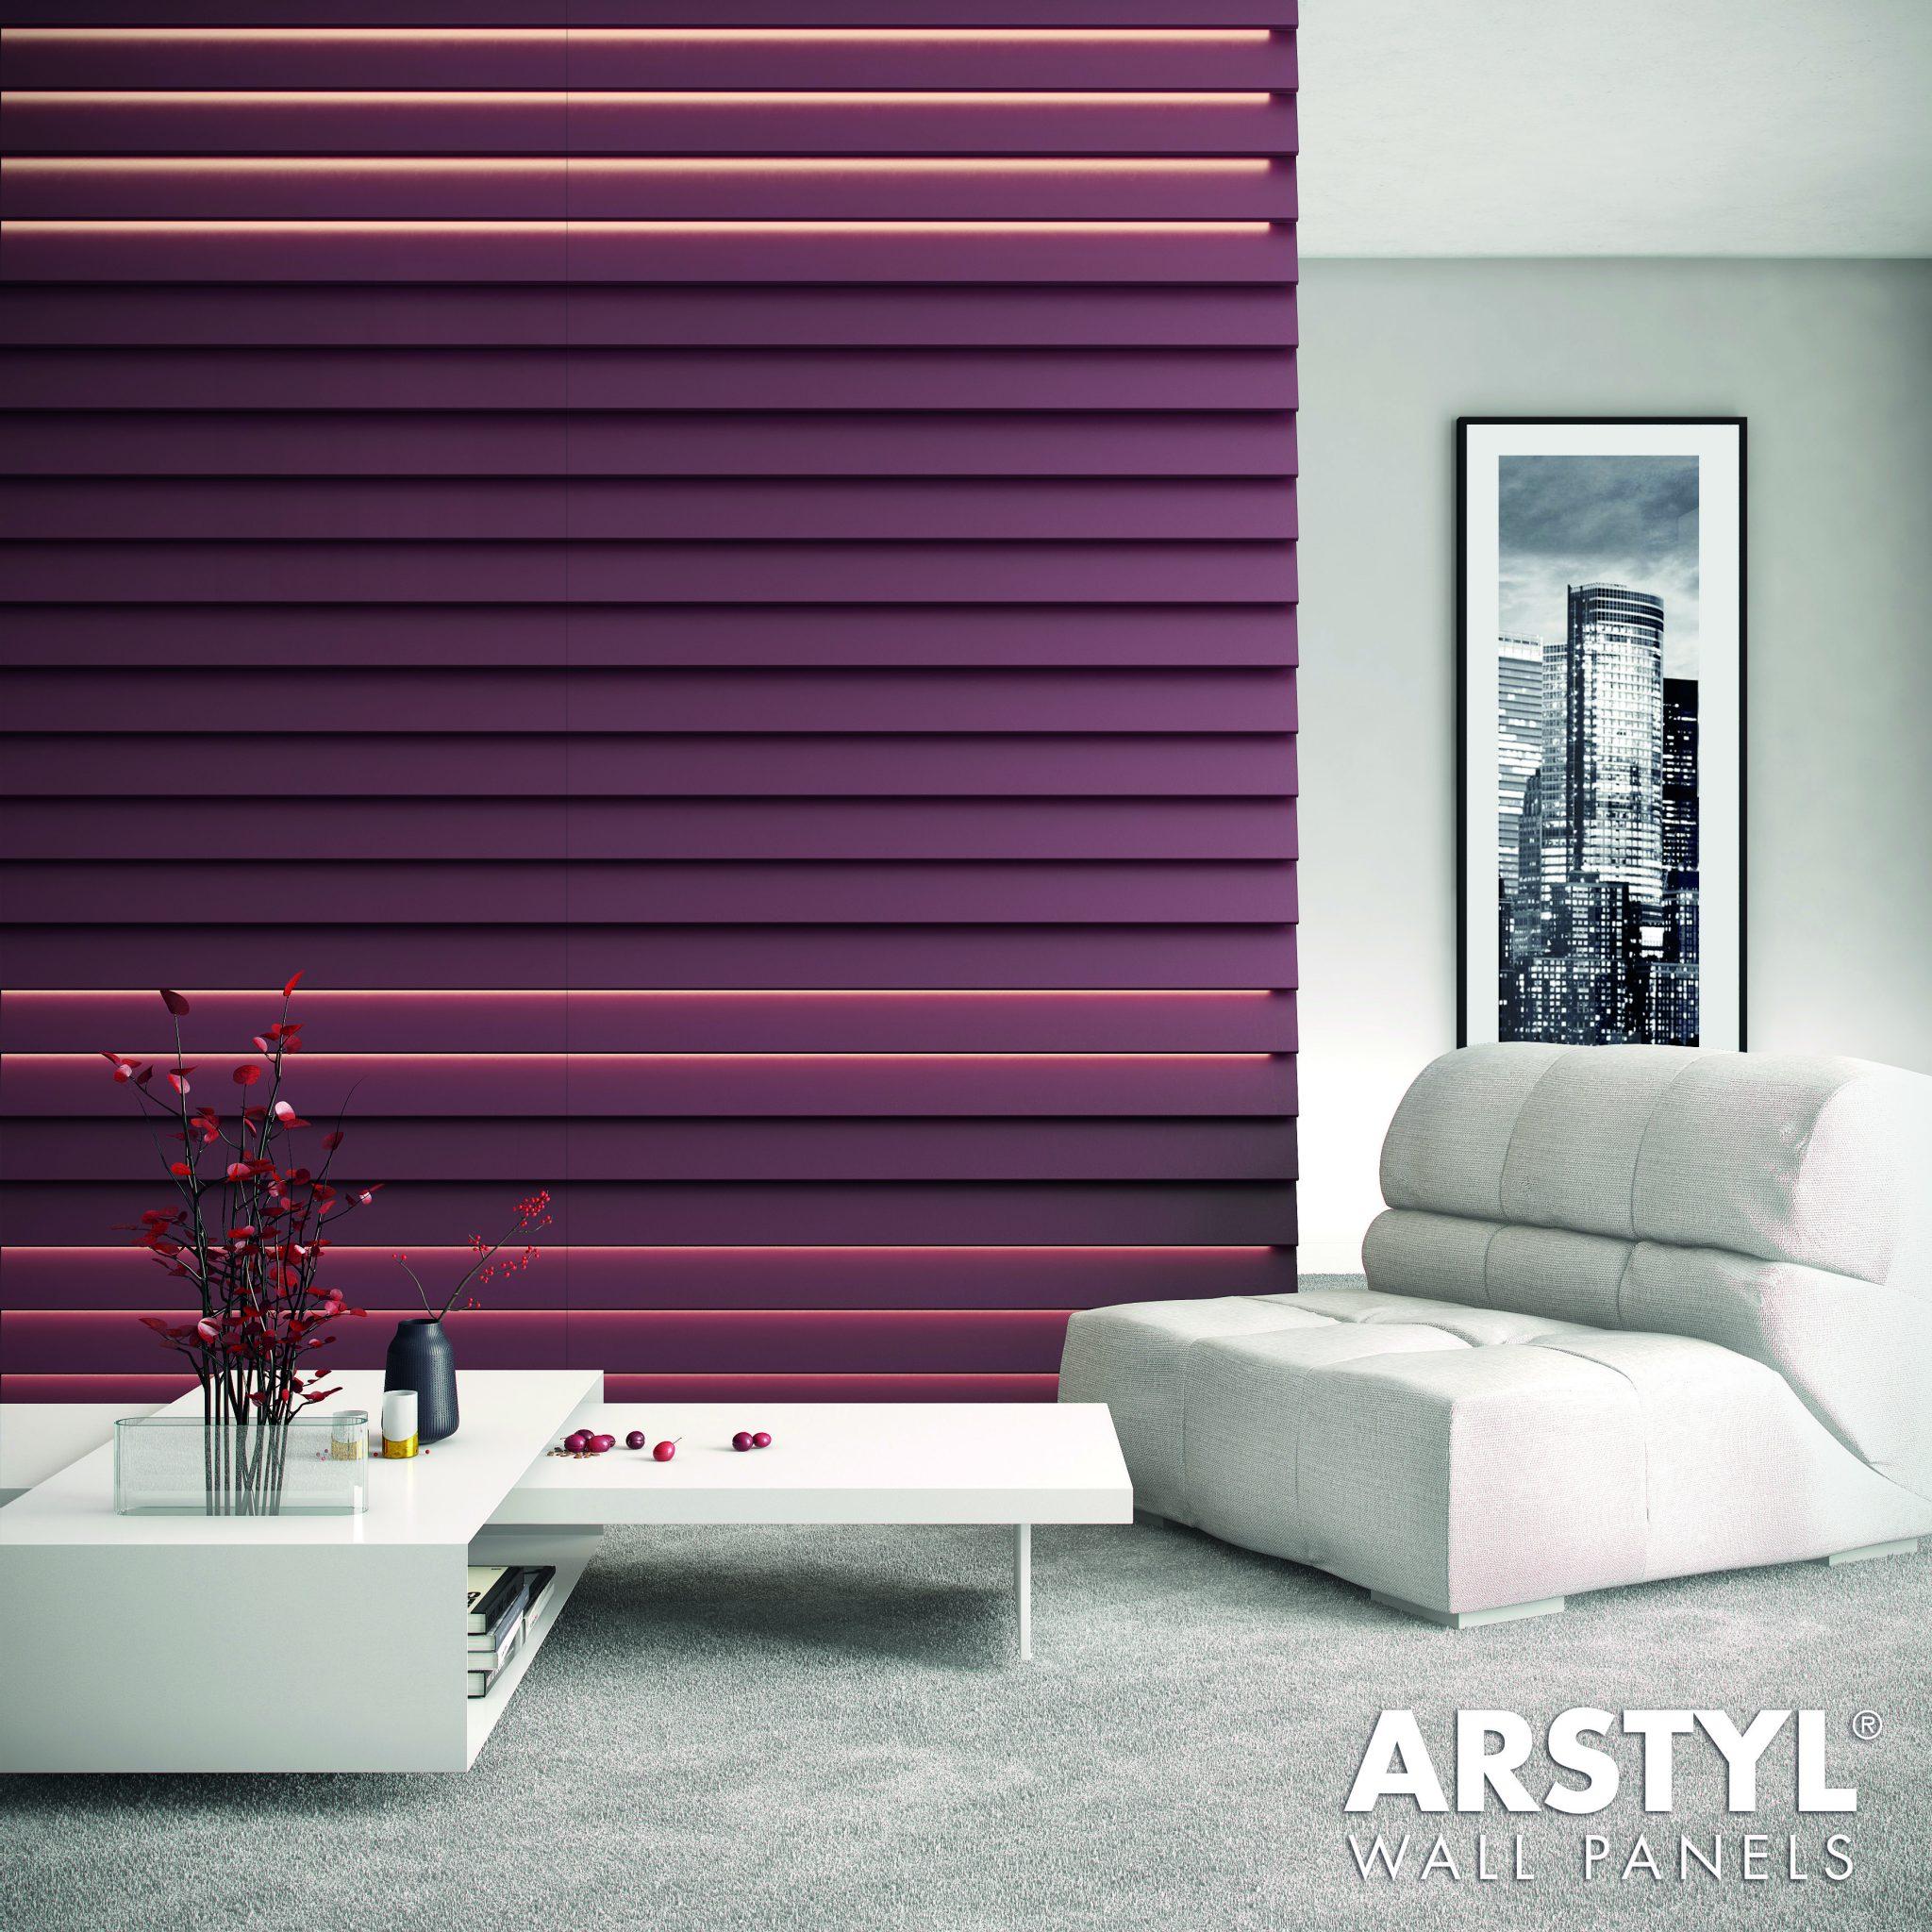 Pannello decorativo 3d arstyl wall stripe - Pannello decorativo design ...